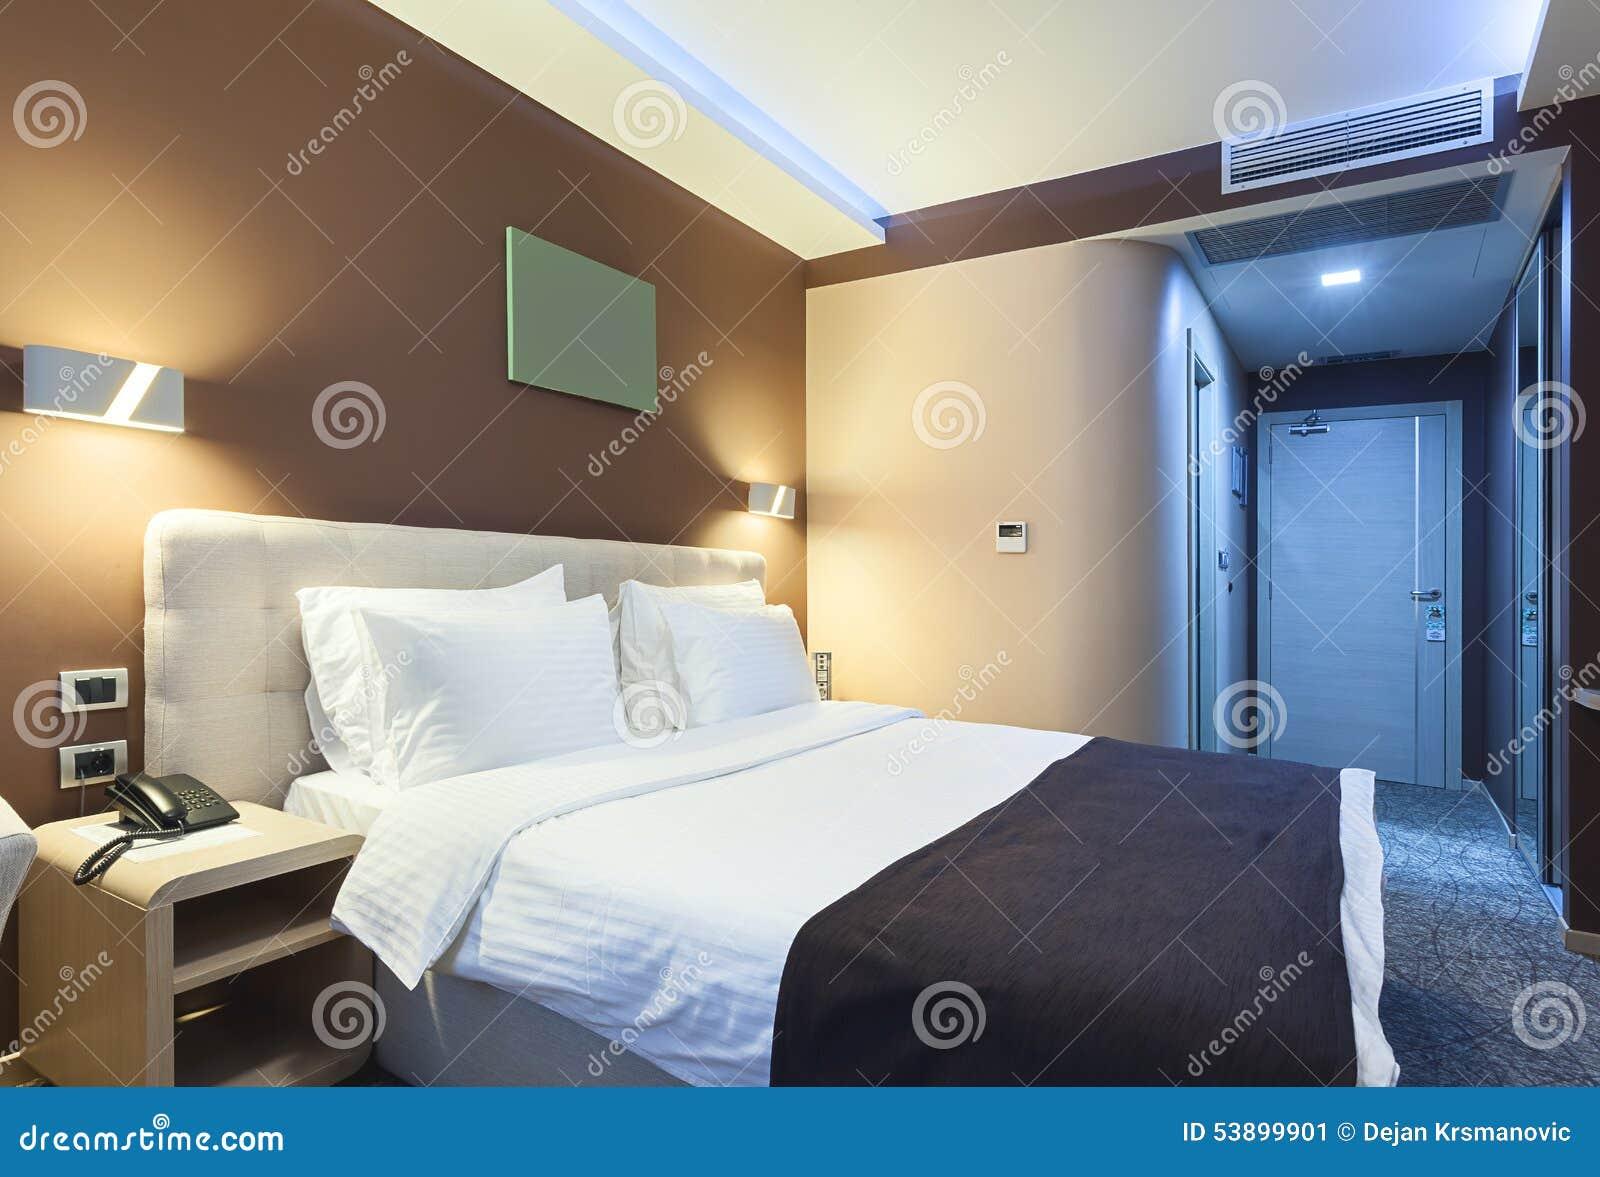 Chambre d 39 h tel de santo domingo image stock image du for Prix chambre d hotel